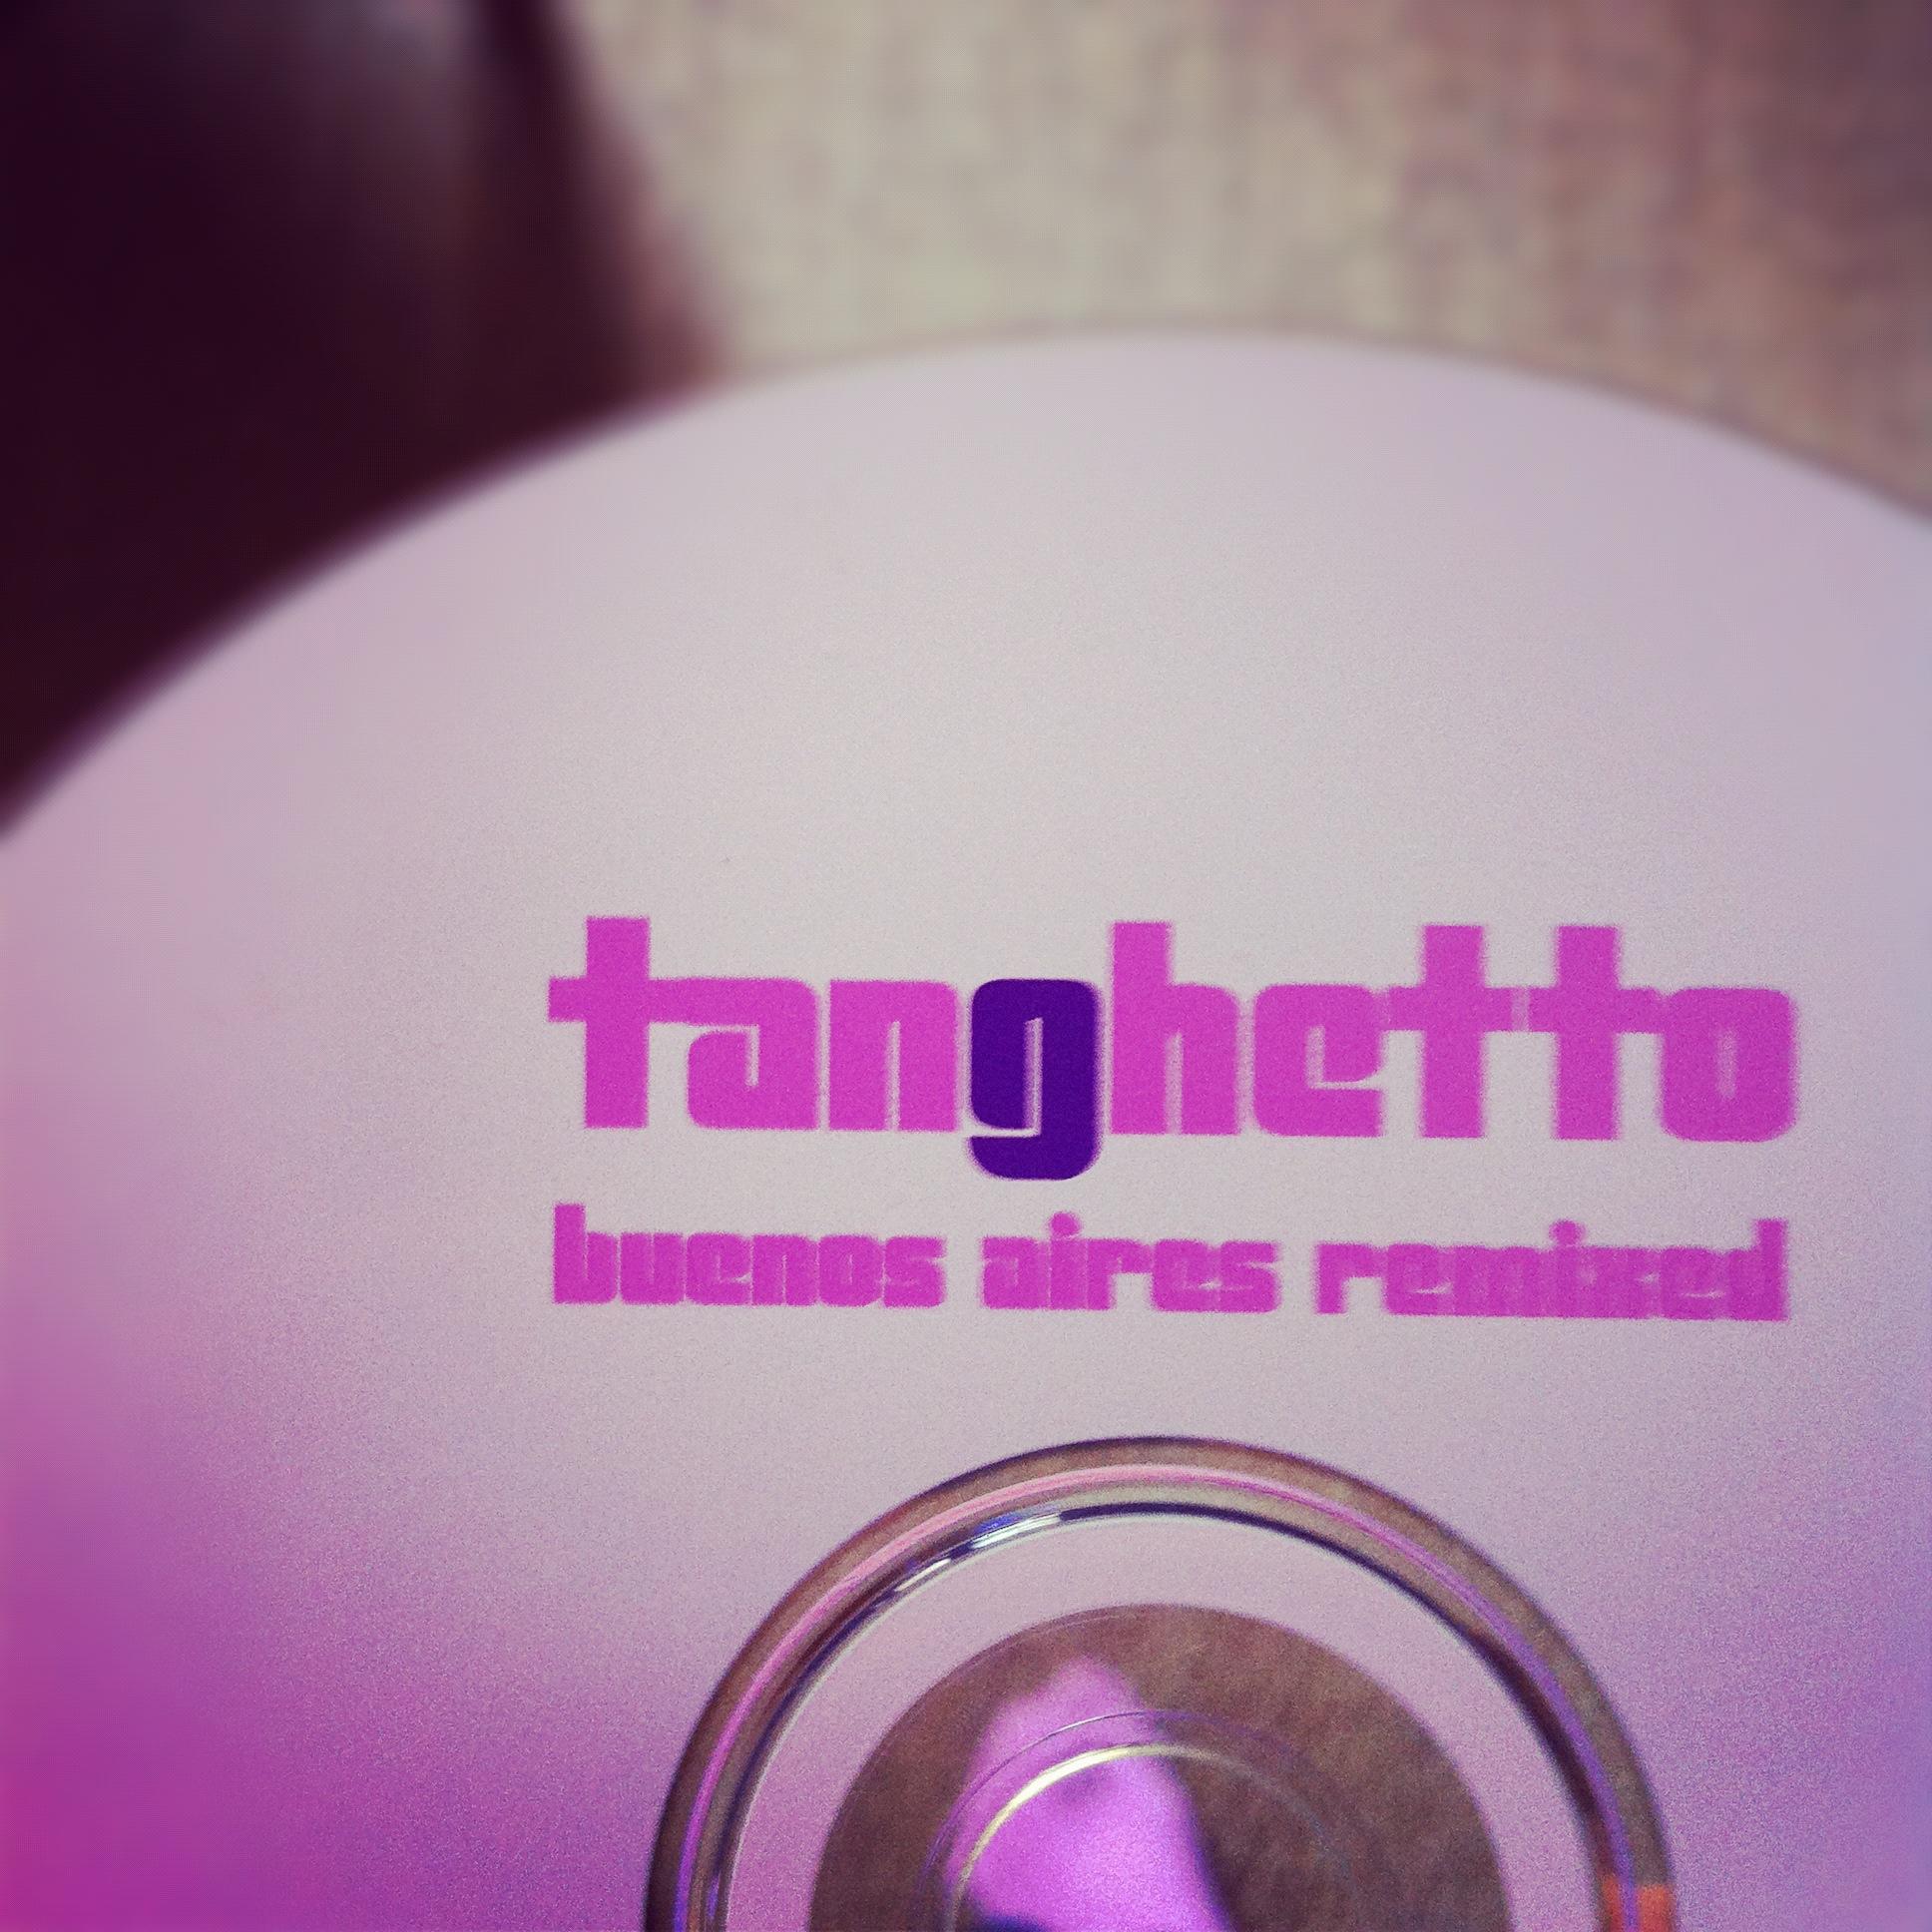 Tanghetto music